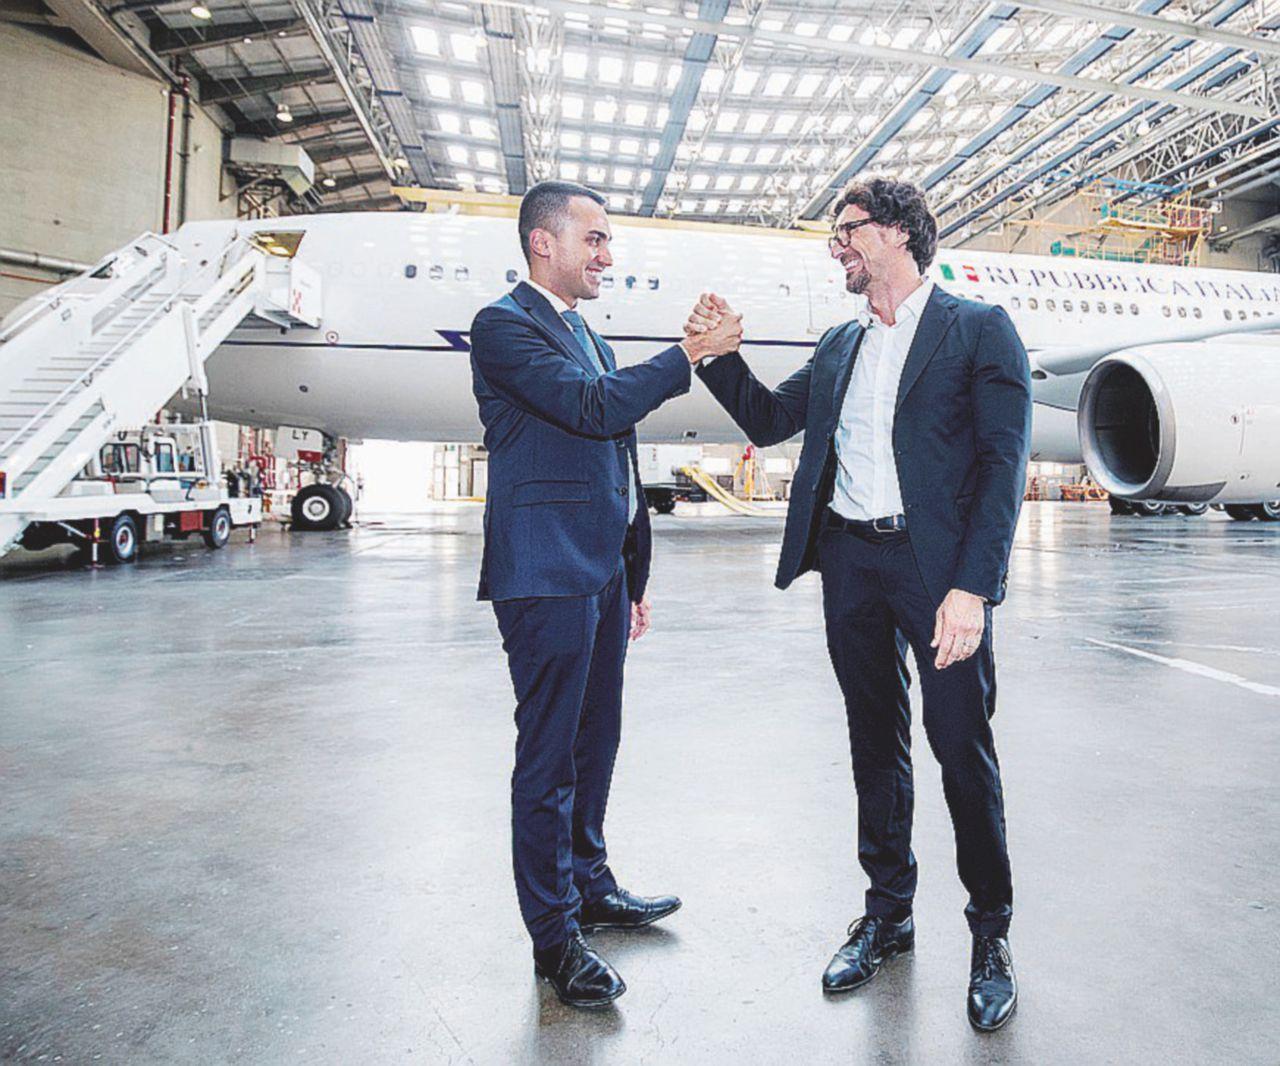 In Edicola sul Fatto Quotidiano del 27 luglio: Addio all'Air Force Renzi: 150 milioni per non volare mai